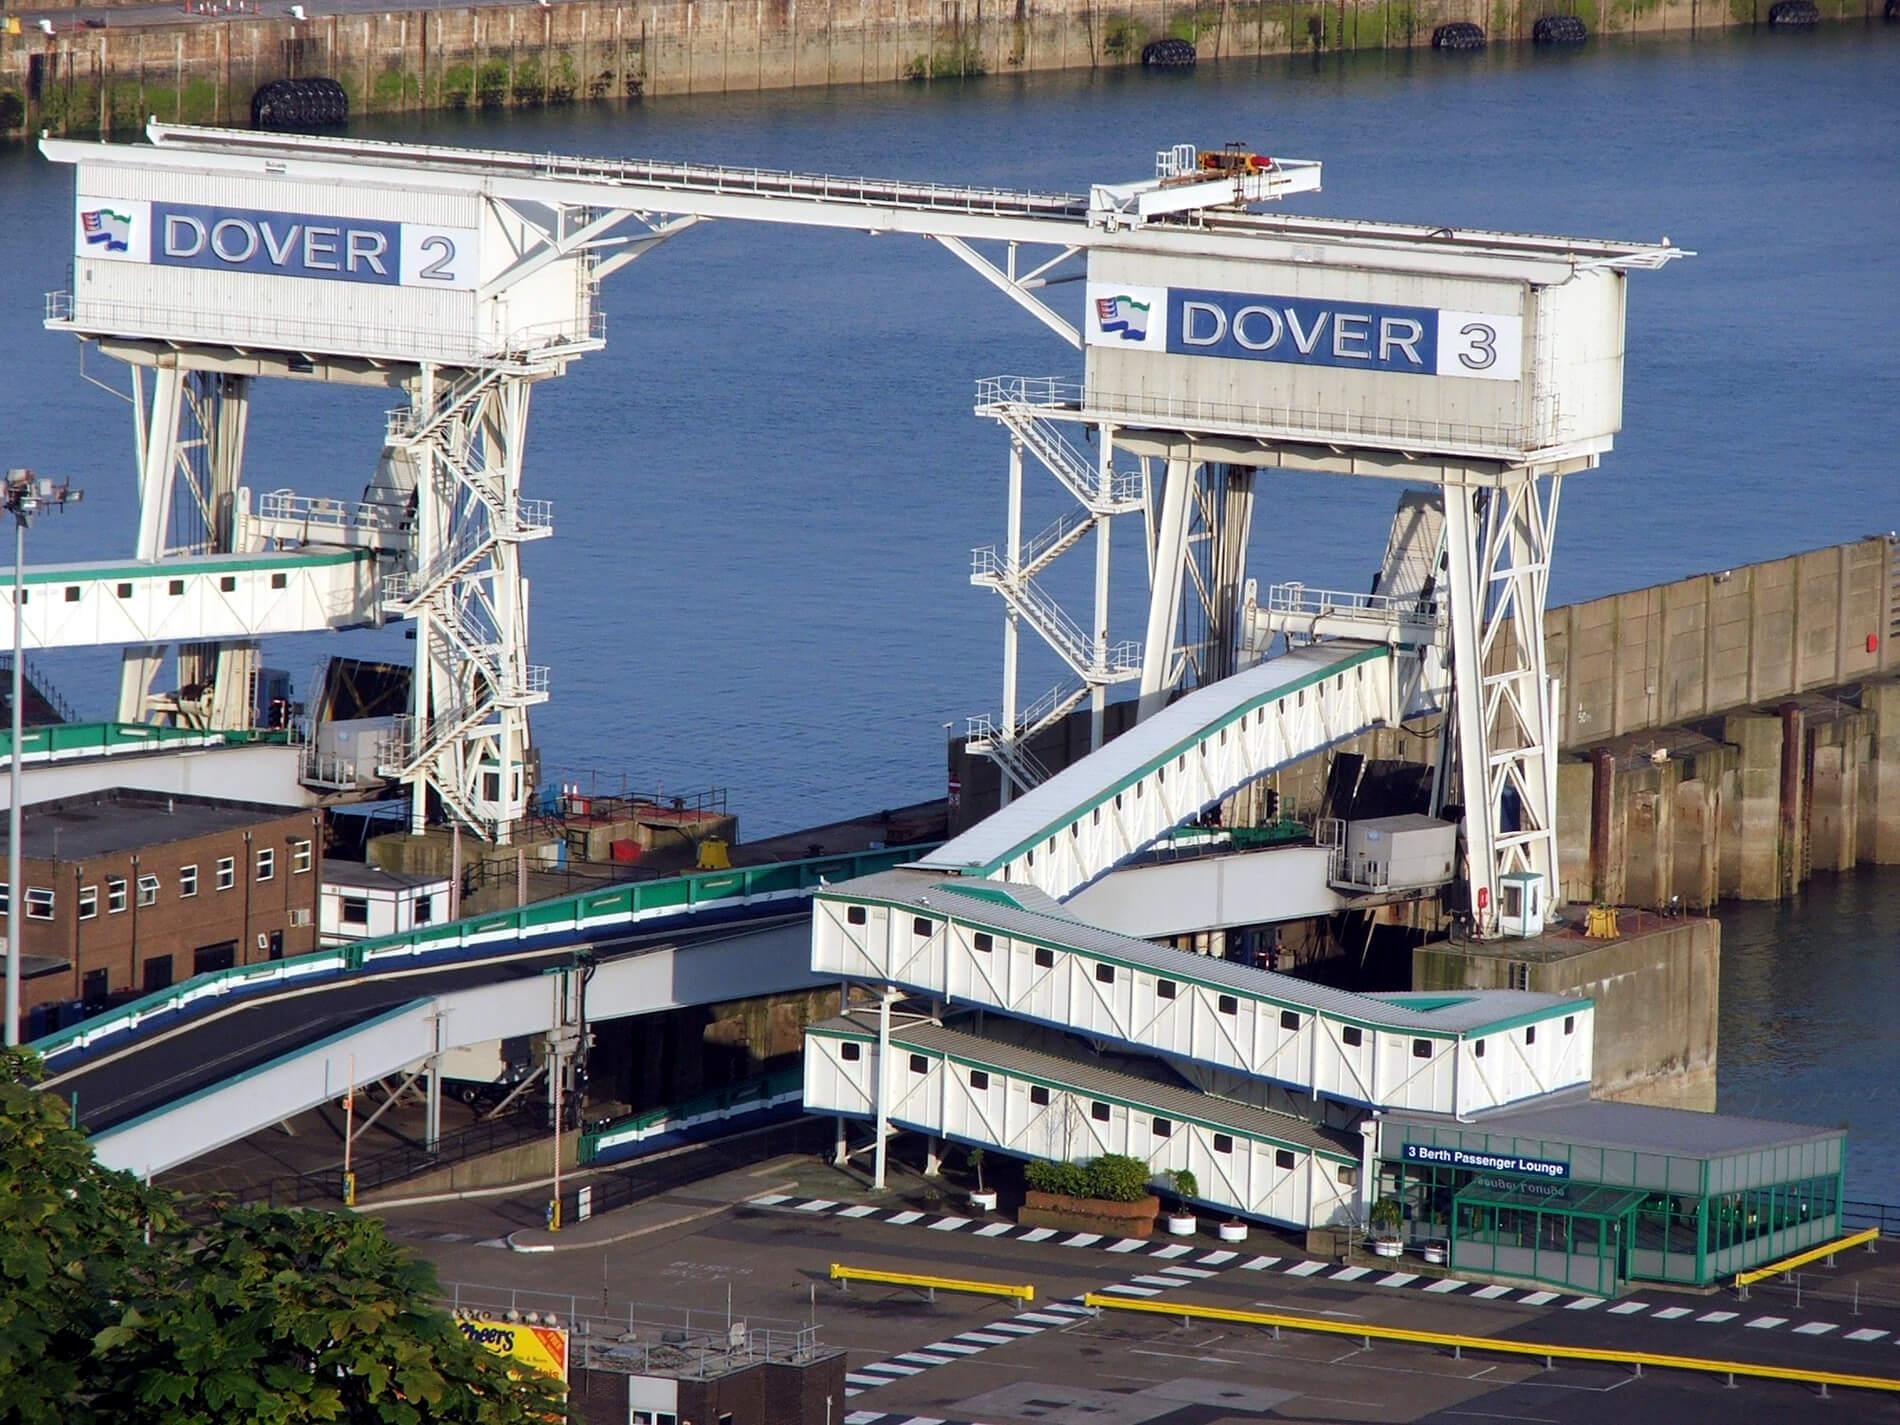 Francja zamknęła granicę z Wielką Brytanią. Port w Dover stoi, ciężarówki również nie przejadą